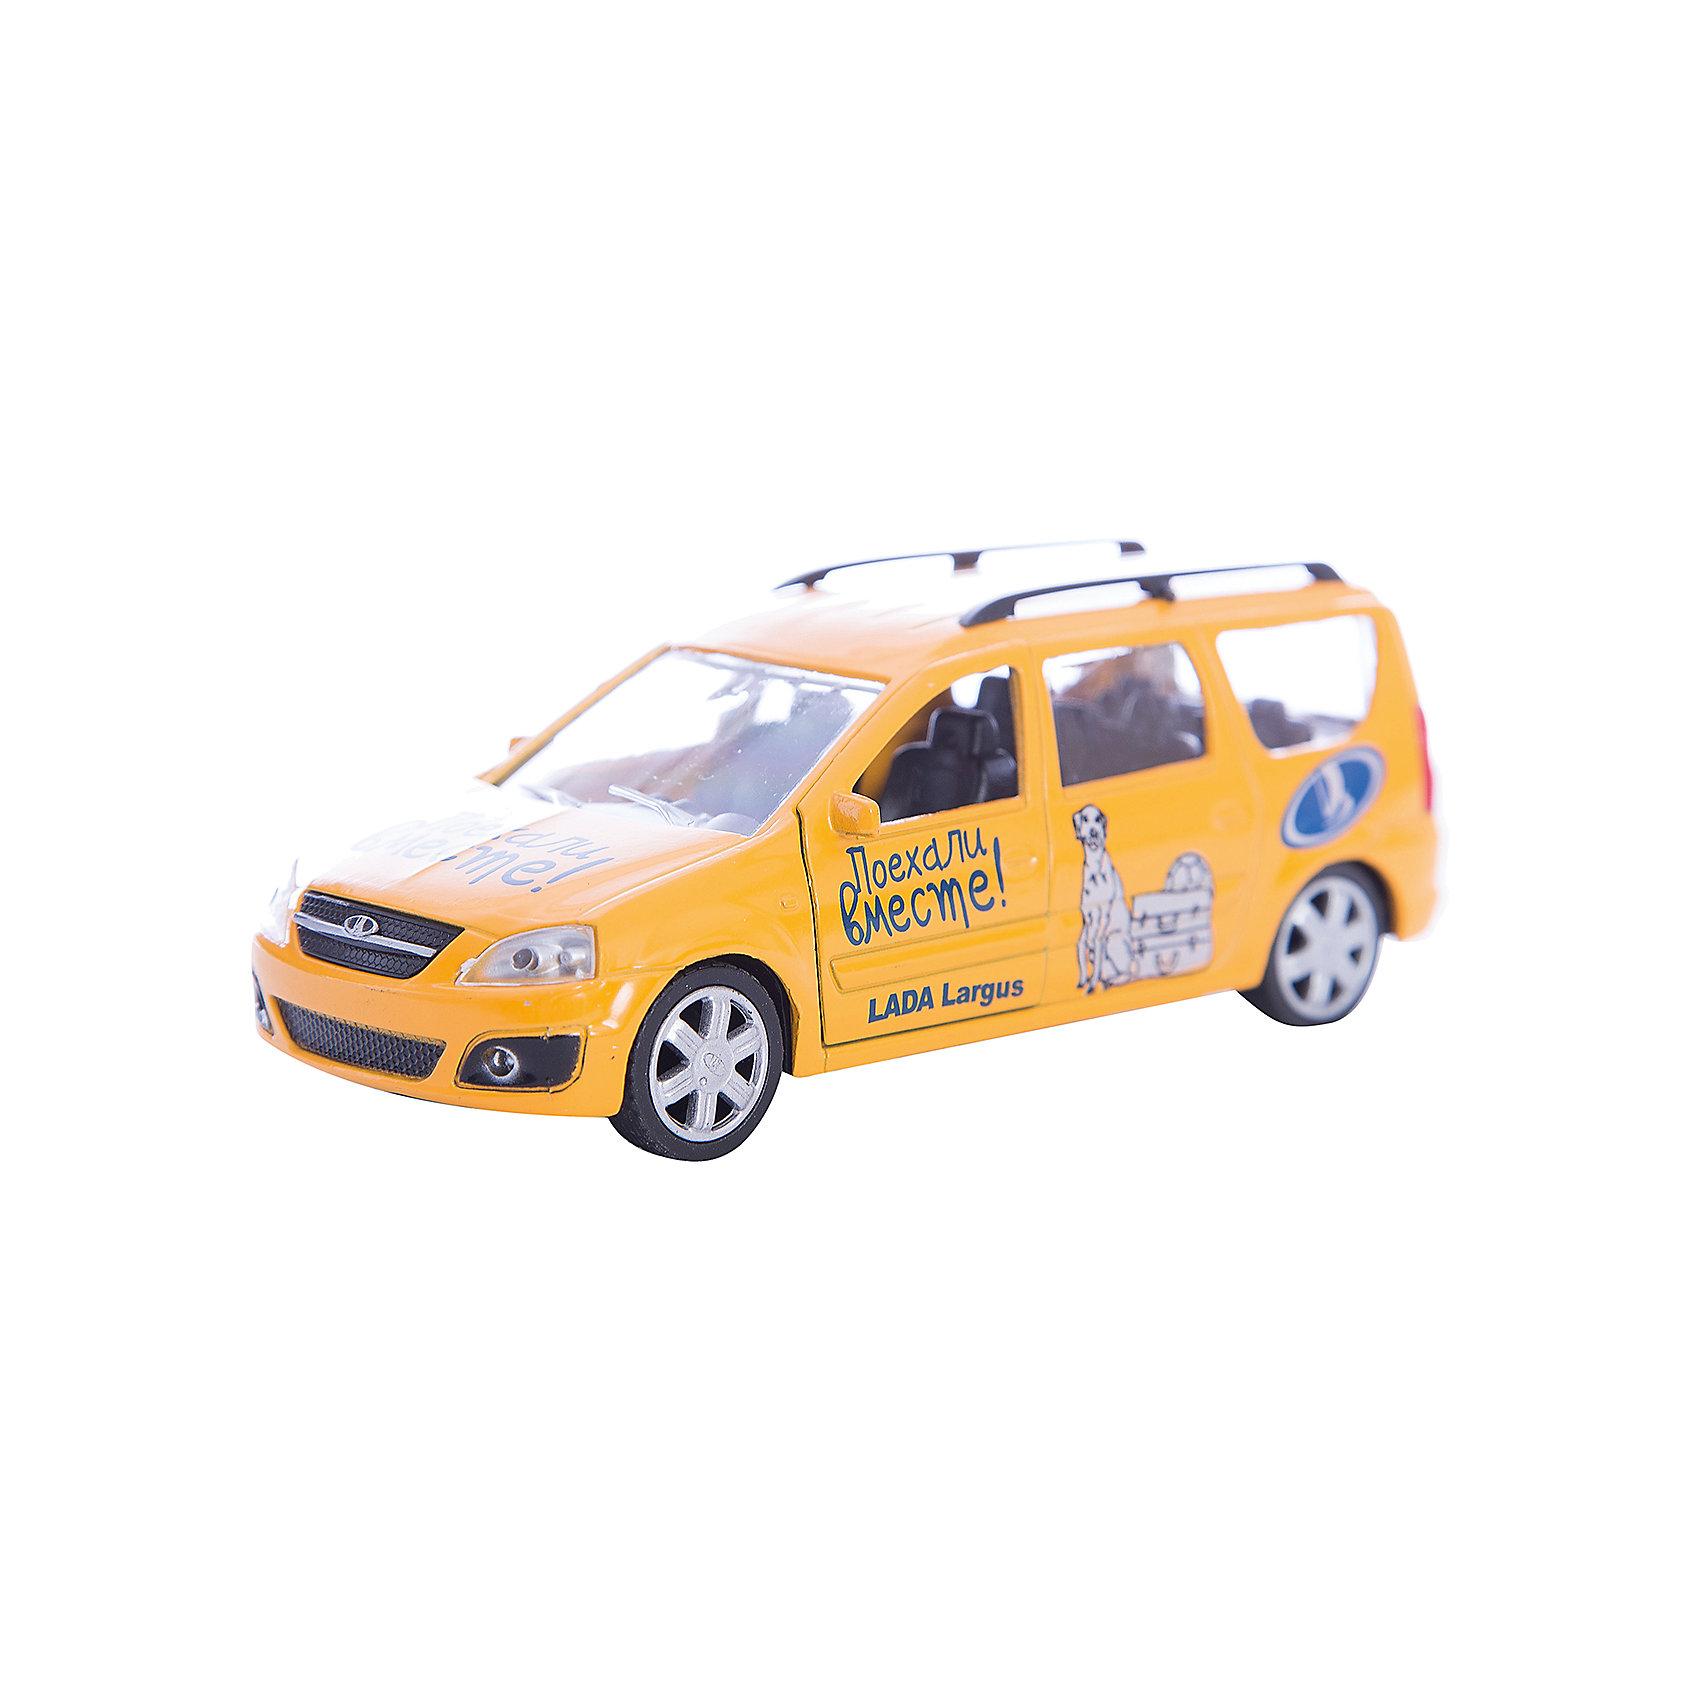 Машинка Lada Largus Поехали вместе! 1:38, AutotimeМашинки<br>Машинка Lada Largus Поехали вместе! 1:38, Autotime (Автотайм).<br><br>Характеристики:<br><br>• Масштаб 1:38<br>• Цвет: желтый<br>• Материал: металл, пластик<br>• Упаковка: картонная коробка блистерного типа<br>• Размер упаковки: 16,5x5,7x7,2 см.<br><br>Машинка Lada Largus Поехали вместе! от Autotime (Автотайм) является уменьшенной копией настоящего автомобиля. Модель отличается высокой степенью детализации. Корпус машинки металлический с пластиковыми элементами. Передние двери открываются, что позволяет рассмотреть салон изнутри в деталях. Машинка оснащена инерционным механизмом. Машинка Lada Largus, выпущенная в русской серии бренда Autotime (Автотайм), станет хорошим подарком и ребенку, и коллекционеру моделей автомобилей.<br><br>Машинку Lada Largus Поехали вместе! 1:38, Autotime (Автотайм) можно купить в нашем интернет-магазине.<br><br>Ширина мм: 165<br>Глубина мм: 57<br>Высота мм: 75<br>Вес г: 13<br>Возраст от месяцев: 36<br>Возраст до месяцев: 2147483647<br>Пол: Мужской<br>Возраст: Детский<br>SKU: 5583883